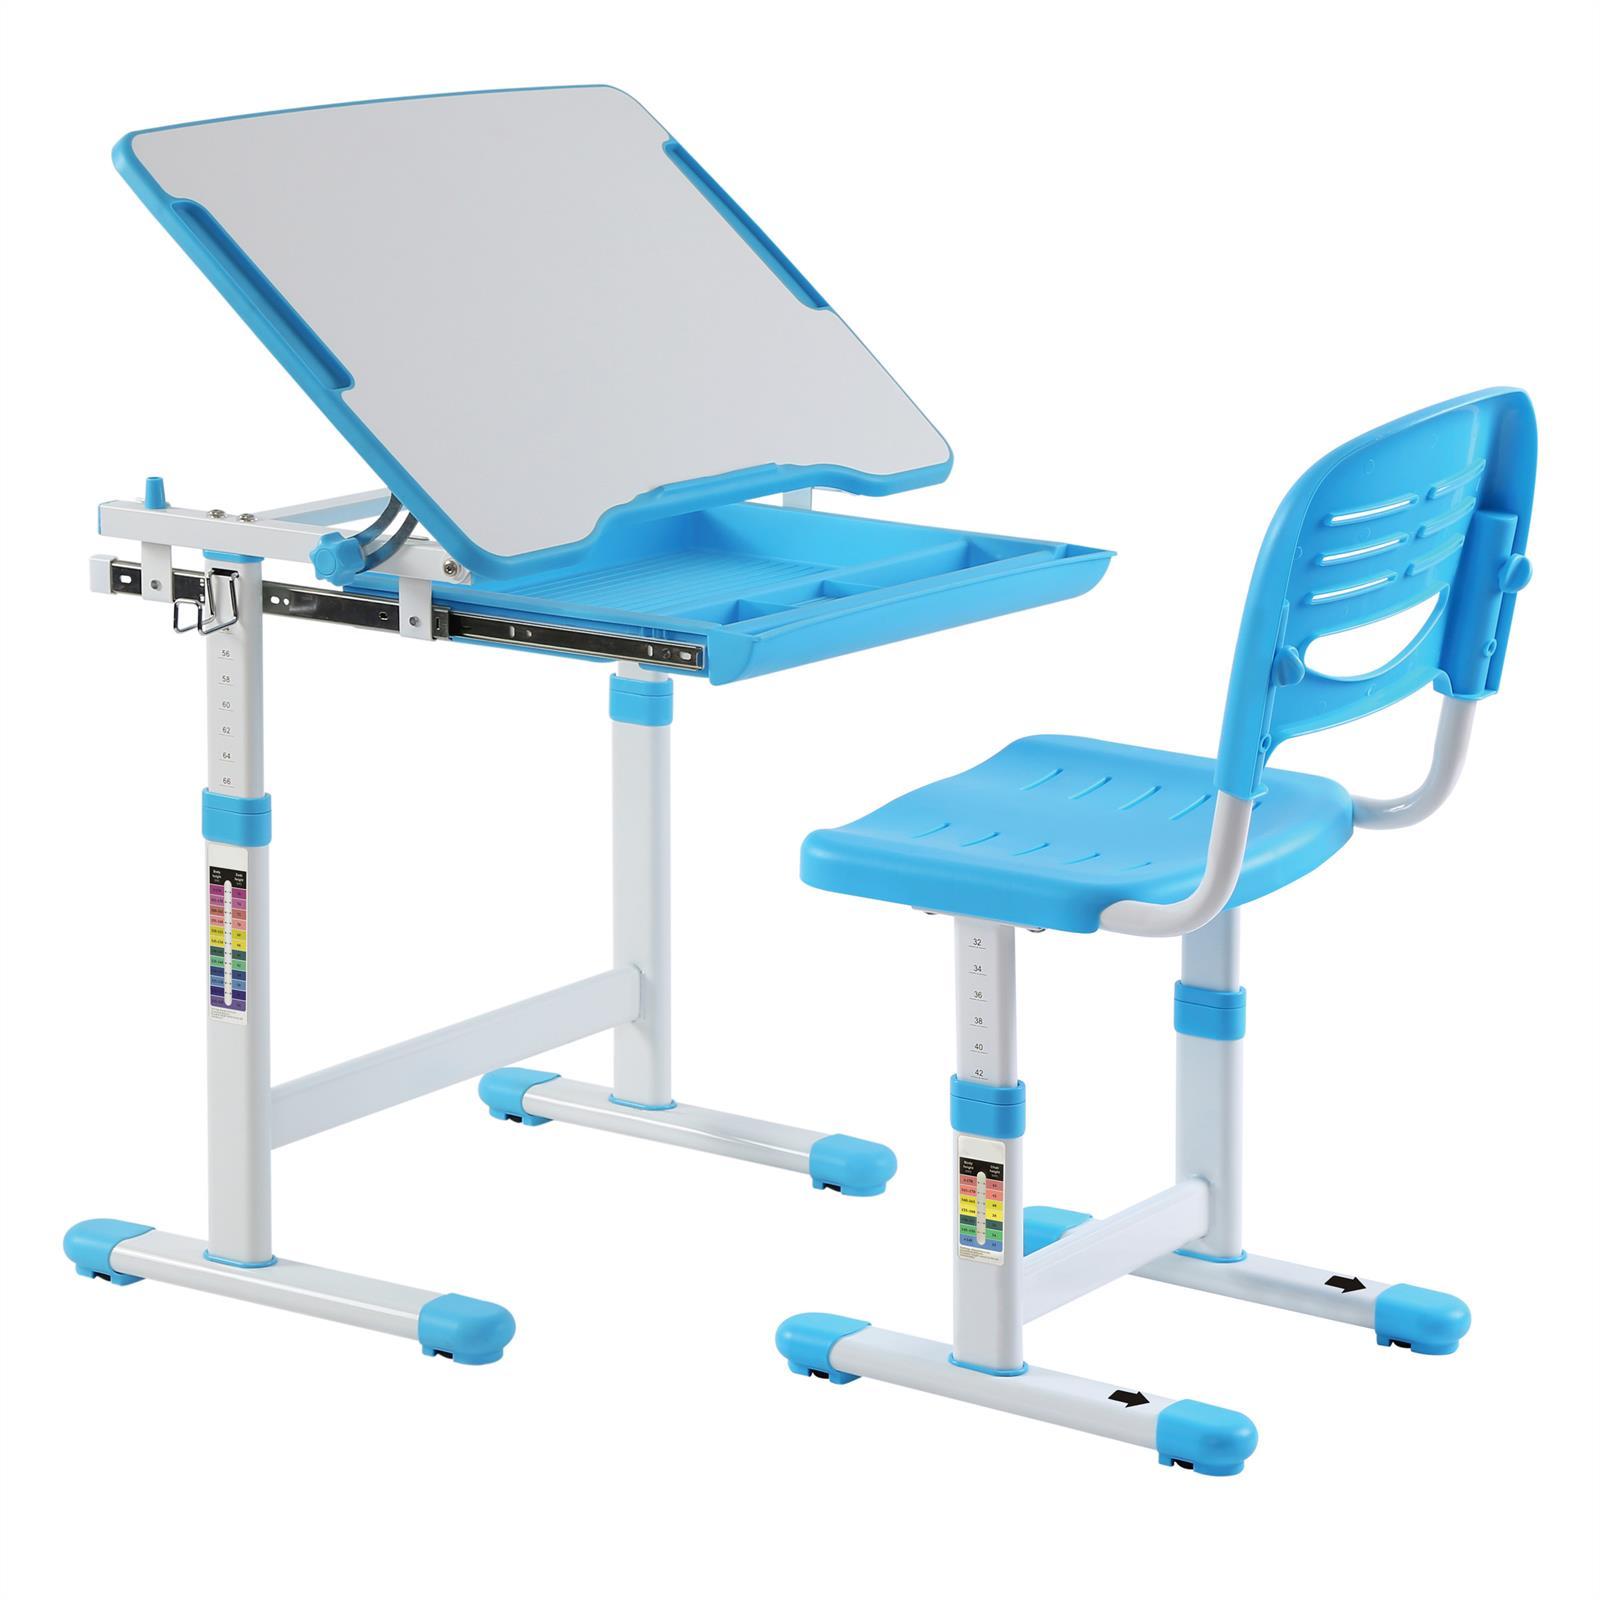 ensemble bureau et chaise pour enfant alumno bleu. Black Bedroom Furniture Sets. Home Design Ideas